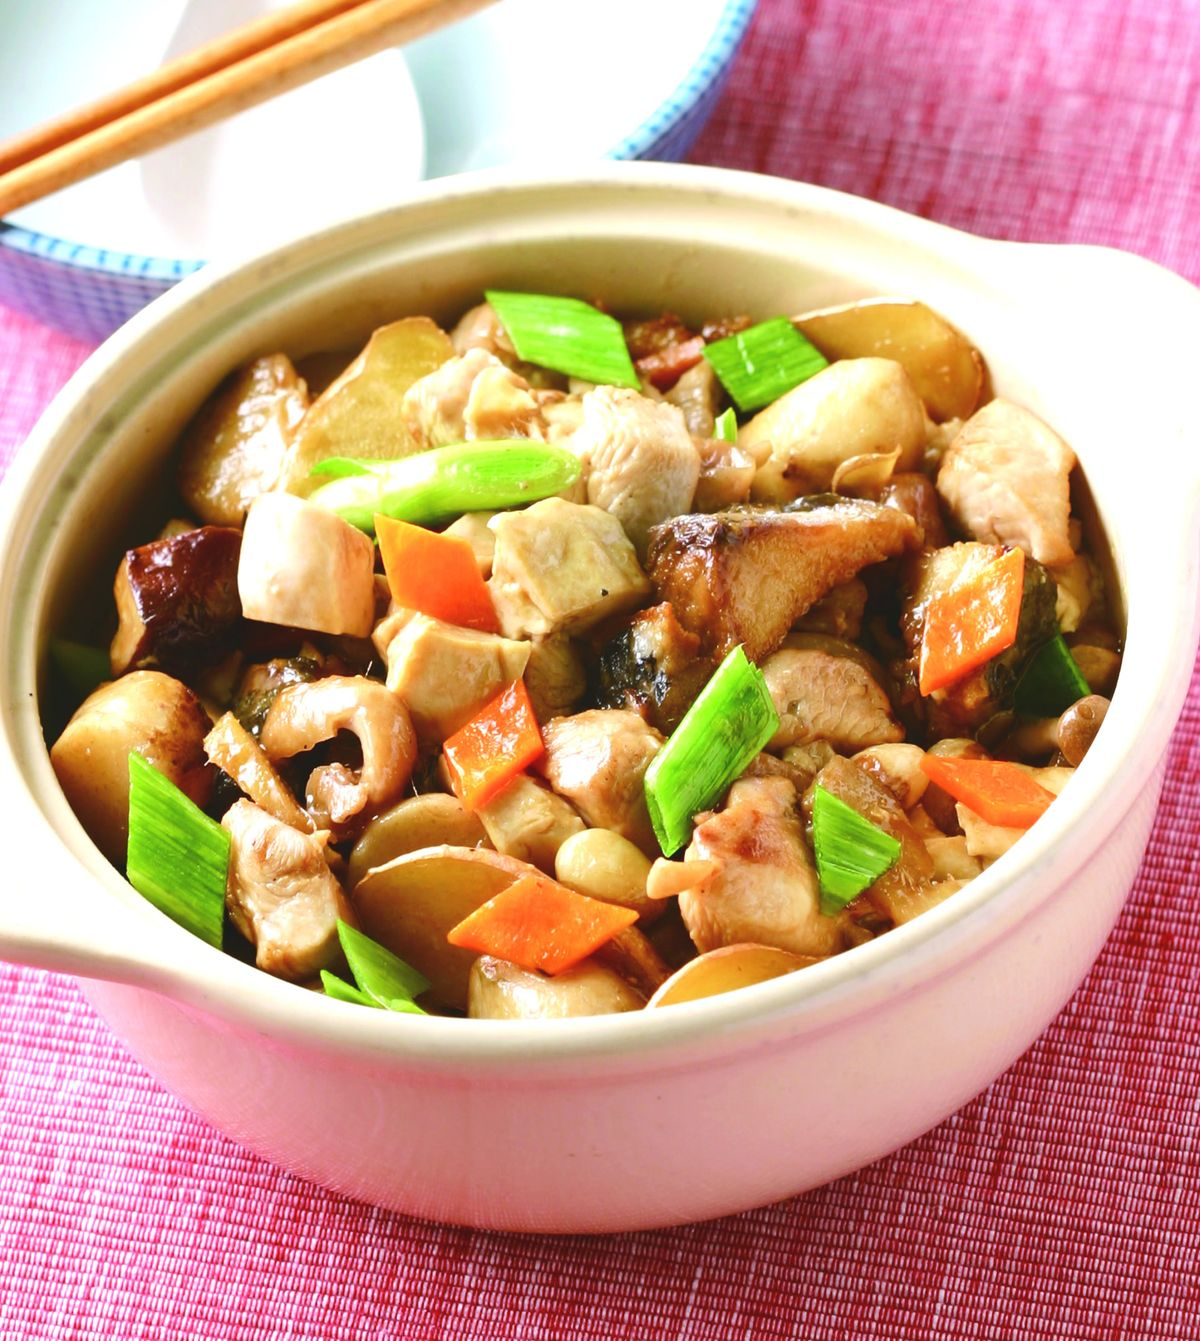 食譜:鹹魚雞丁豆腐煲